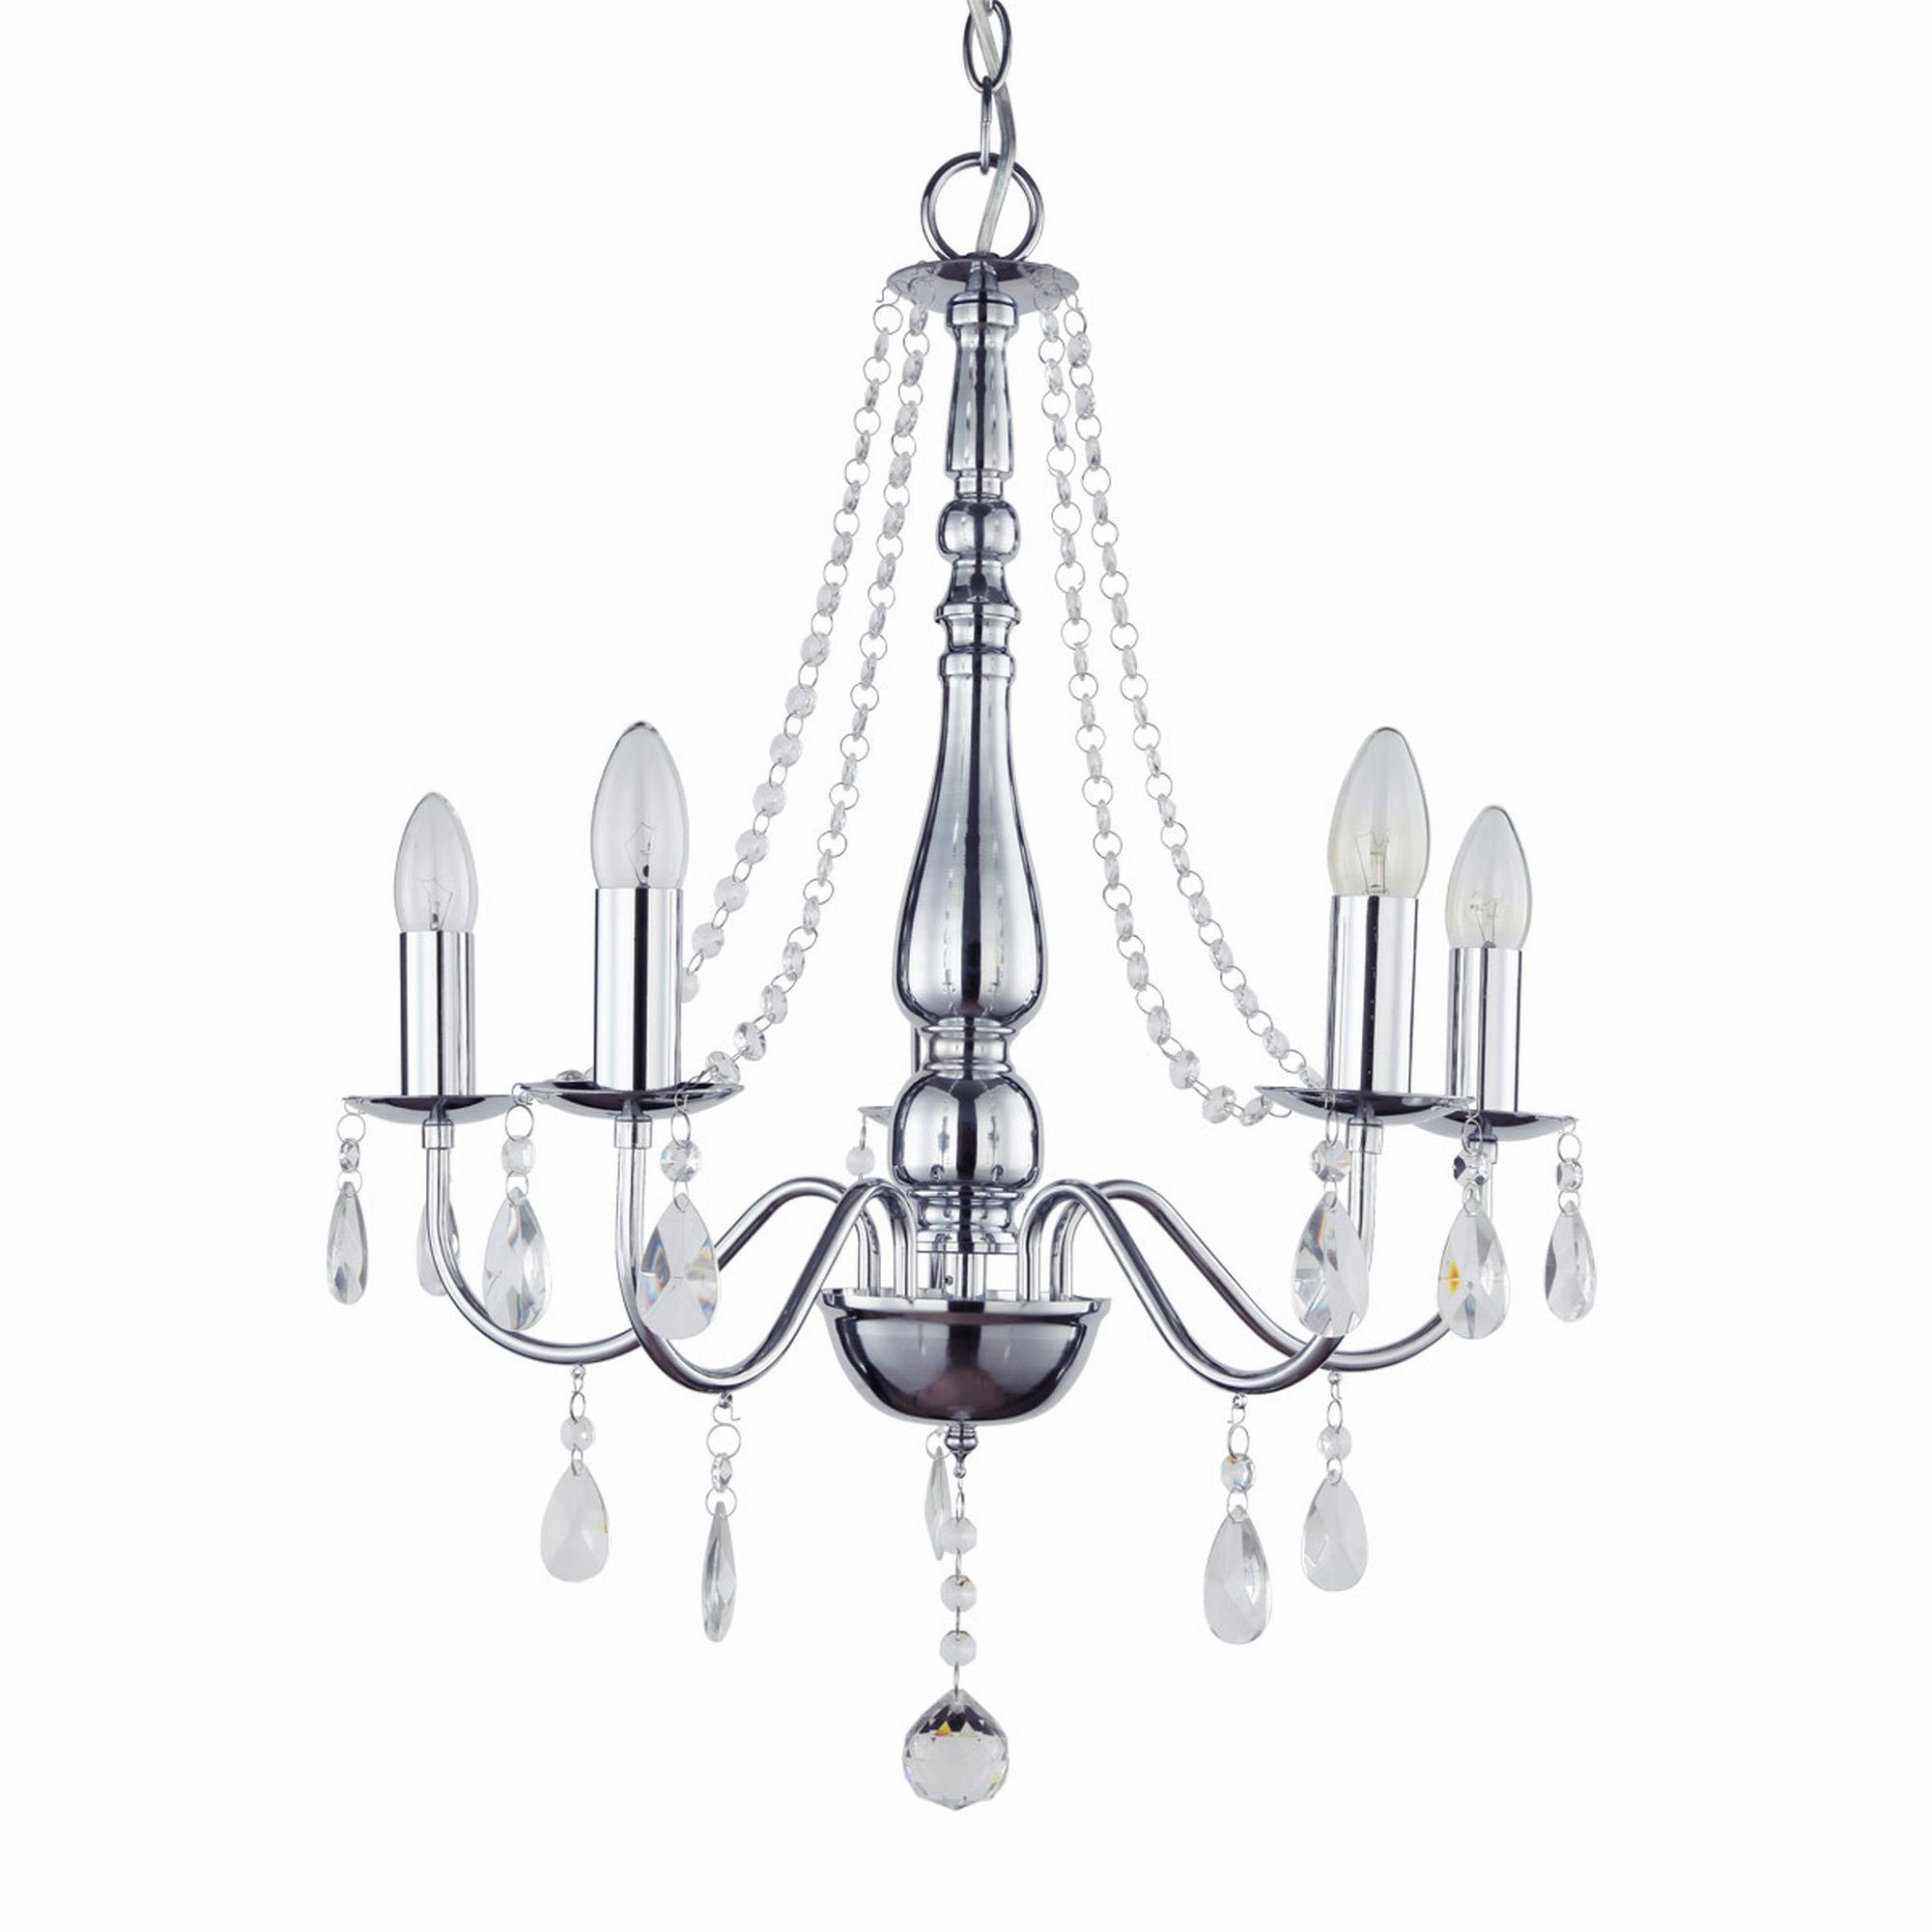 kristall chrom kronleuchter l ster deckenleuchte h ngeleuchte lampe ebay. Black Bedroom Furniture Sets. Home Design Ideas